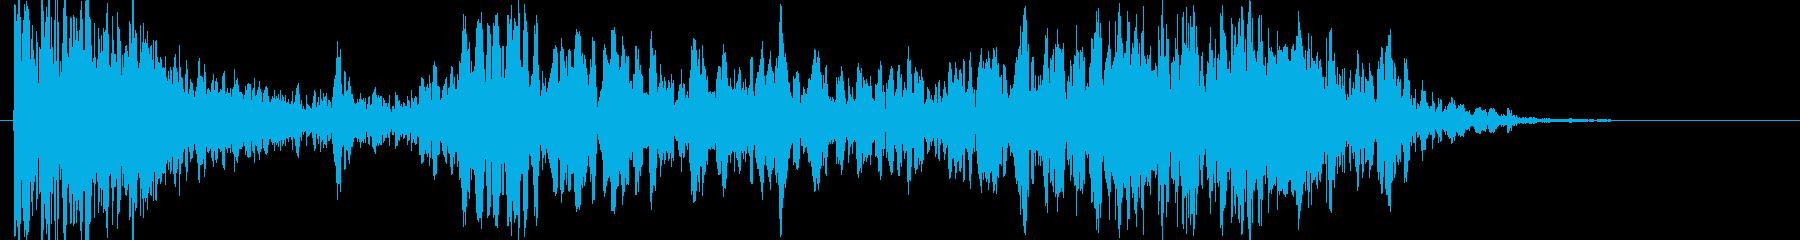 衝撃 噴火13の再生済みの波形